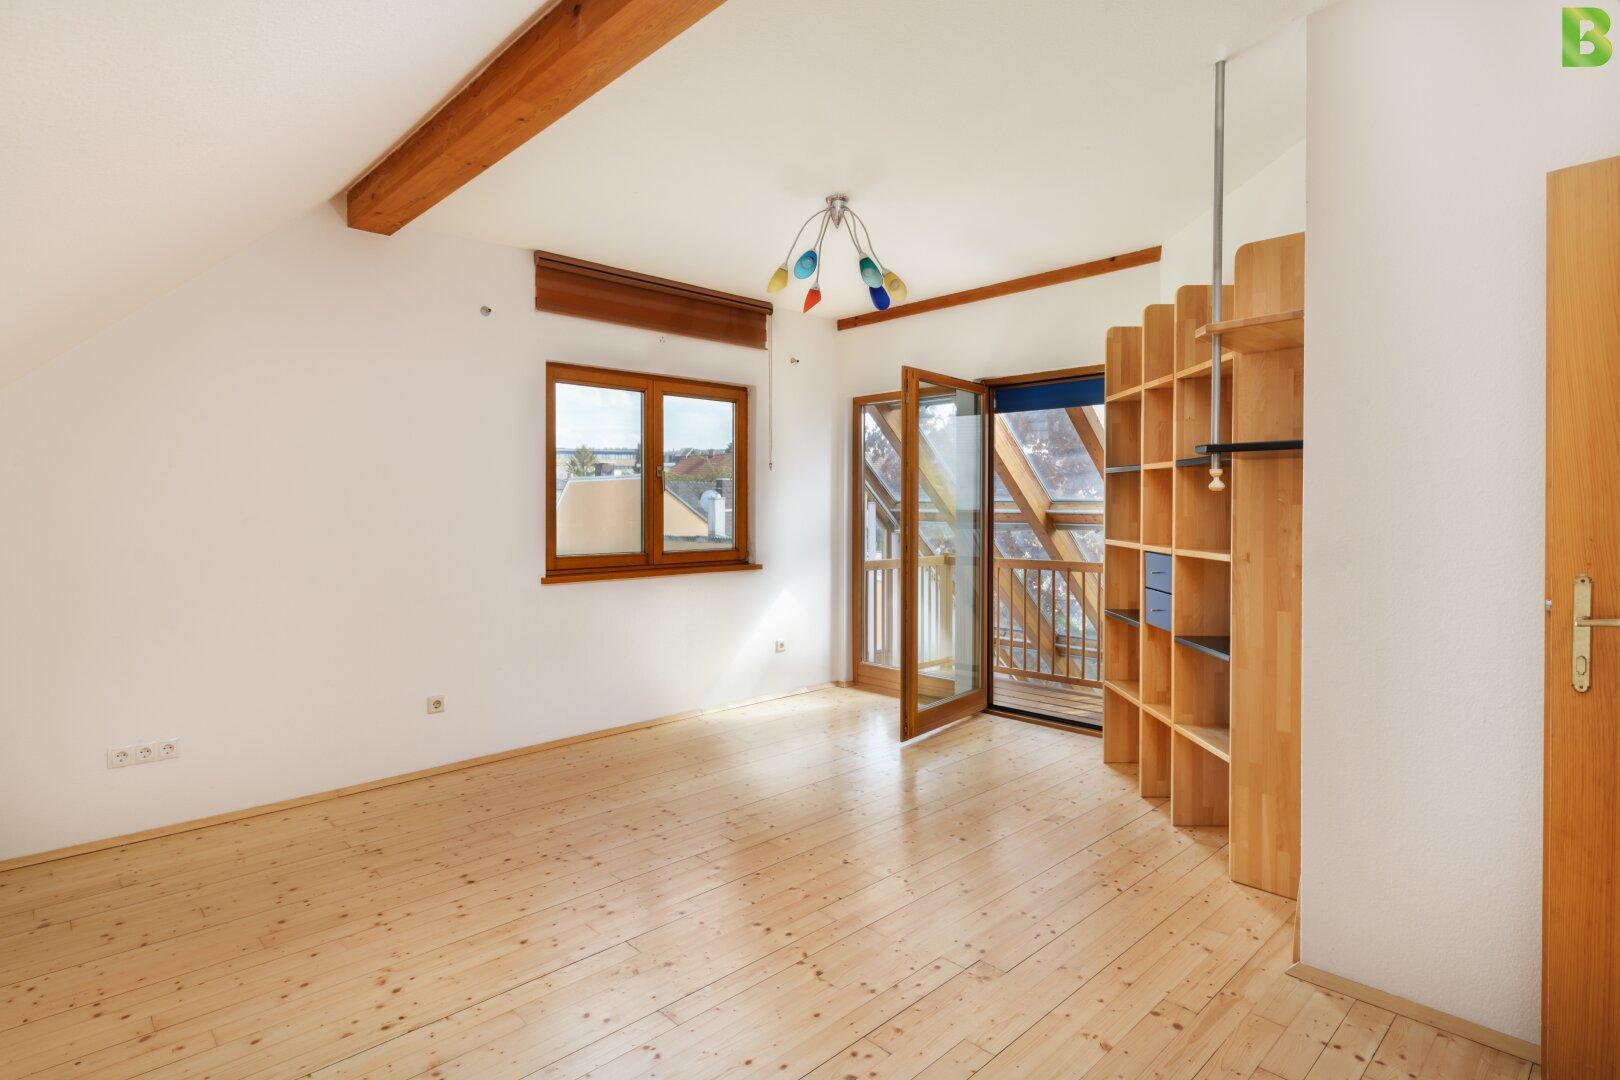 2. Wohnzimmer im Dachgeschoss